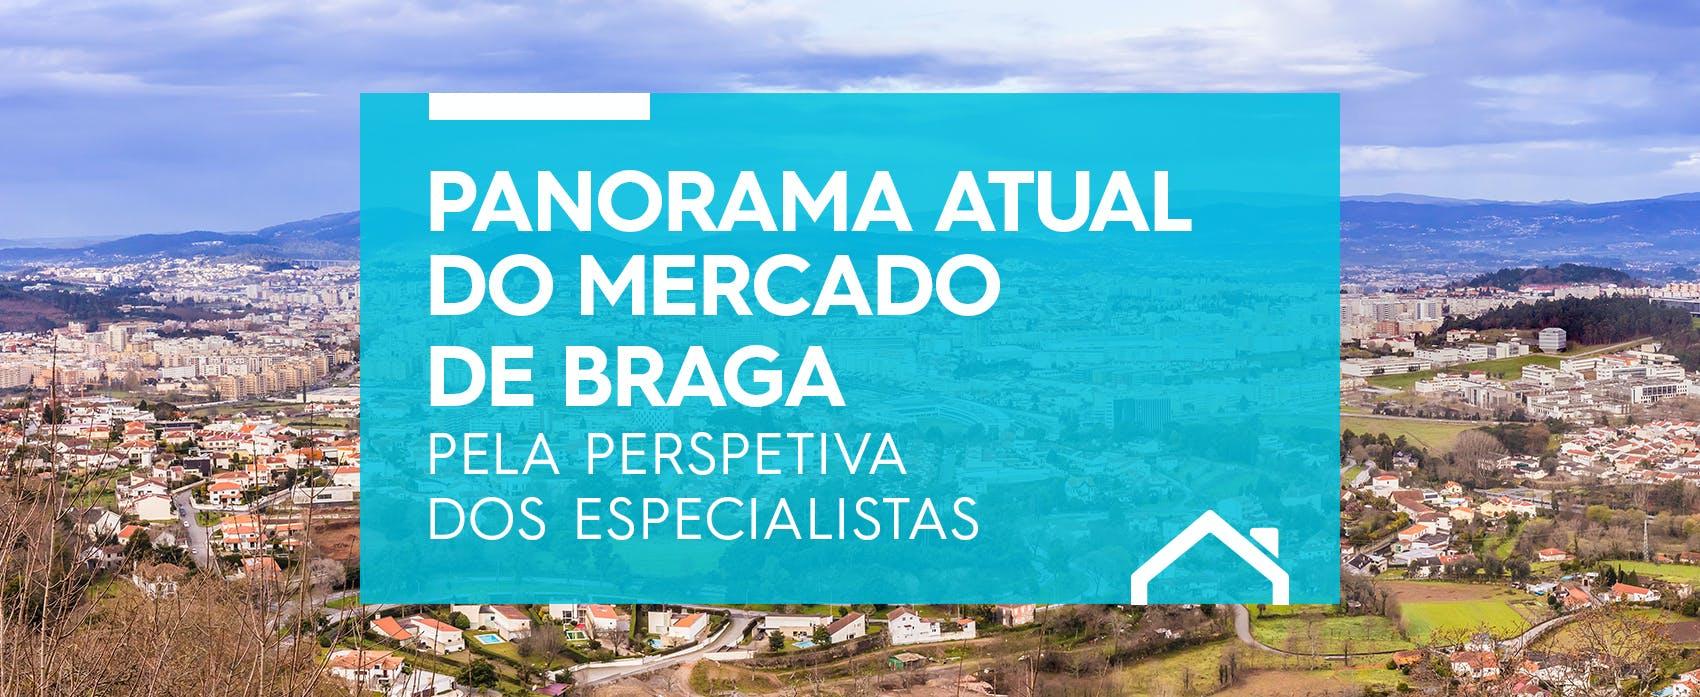 O panorama atual do Mercado Imobiliário de Braga pela perspectiva dos Especialistas